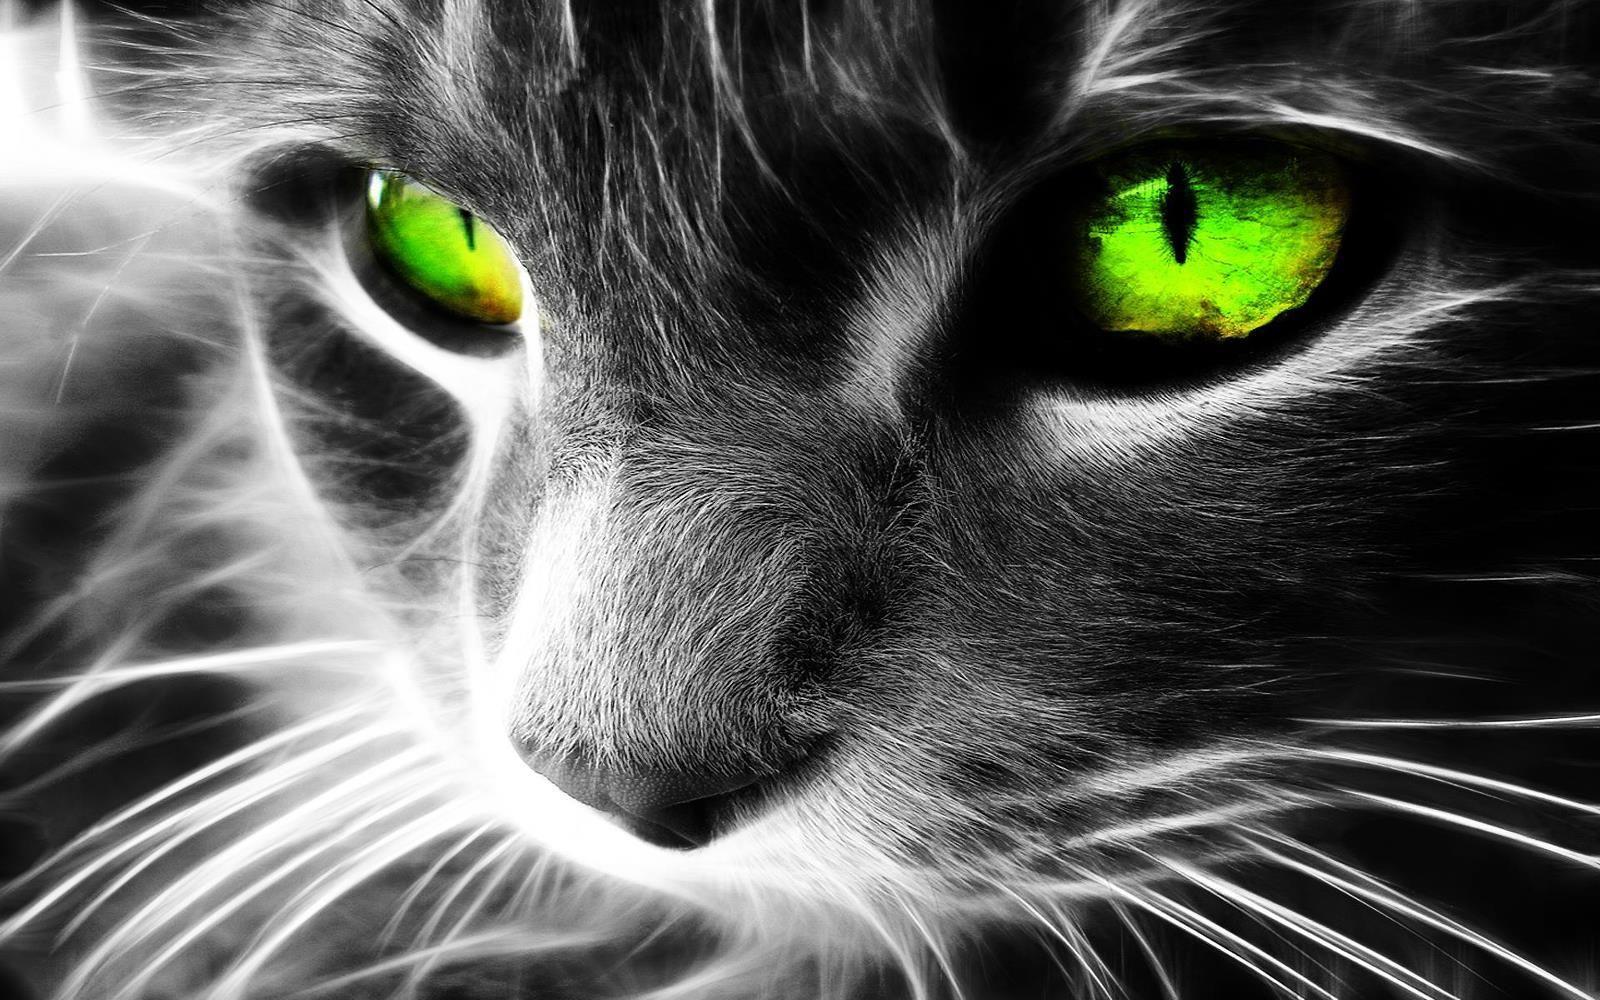 Fonds D Ecran Et Effets Speciaux Creations Numeriques Fond D Ecran Chat Chats Et Chatons Cool Cats